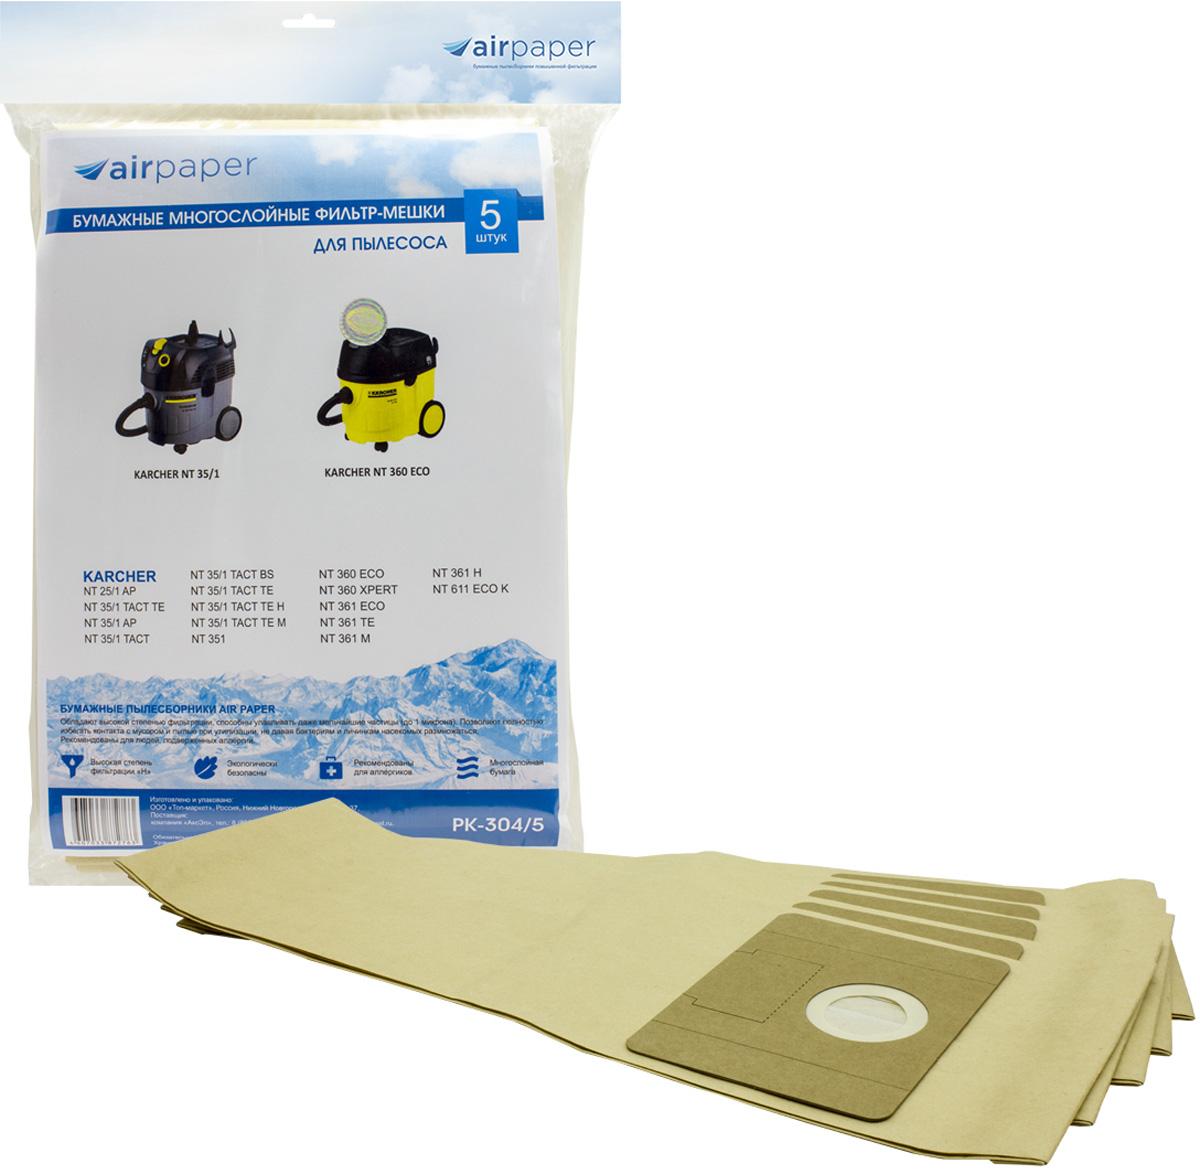 AIR Paper РК-304/5 пылесборники для пылесоса KARCHER, 5 шт